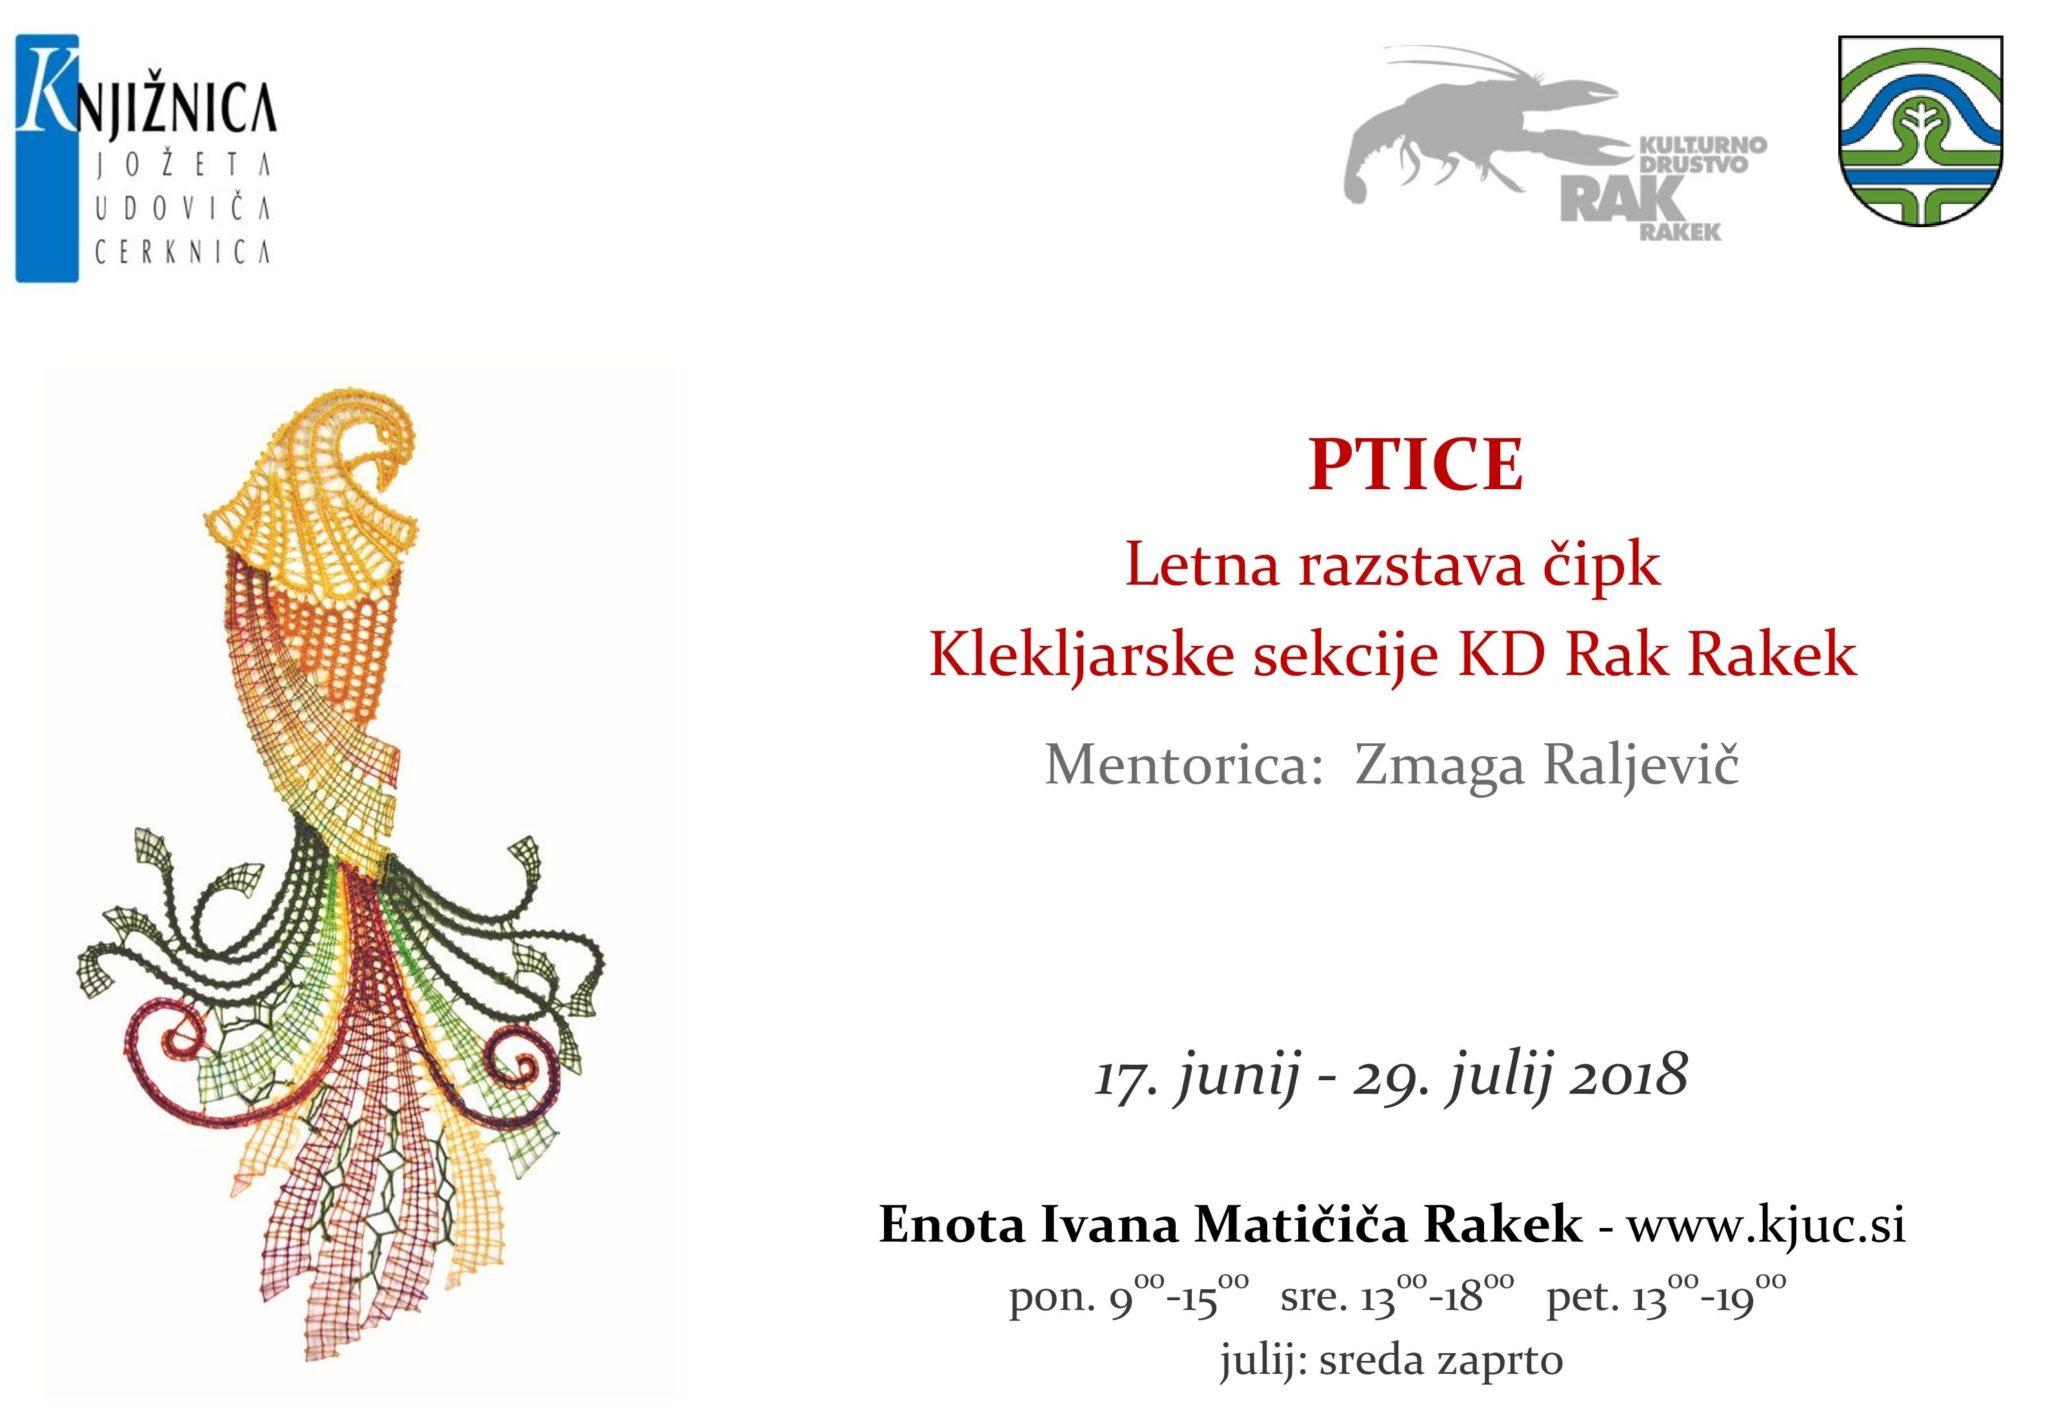 cover 4 - Ptice - letna razstava čipk Klekljarske sekcije KD Rak Rakek